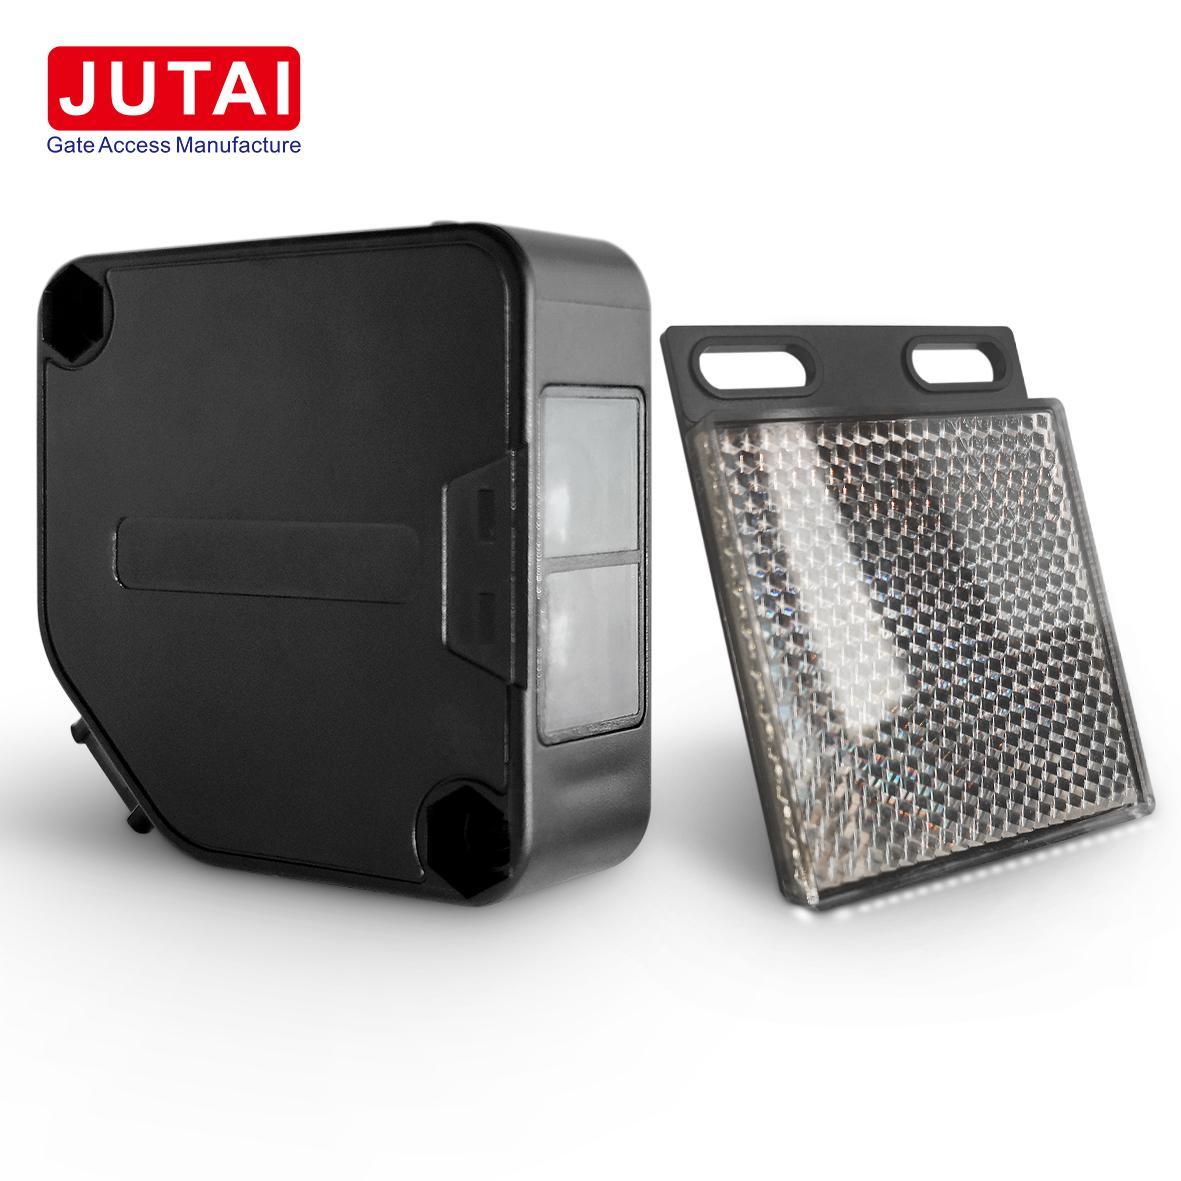 JUTAI IRR-7M Retro reflektierender Fotozellensensor